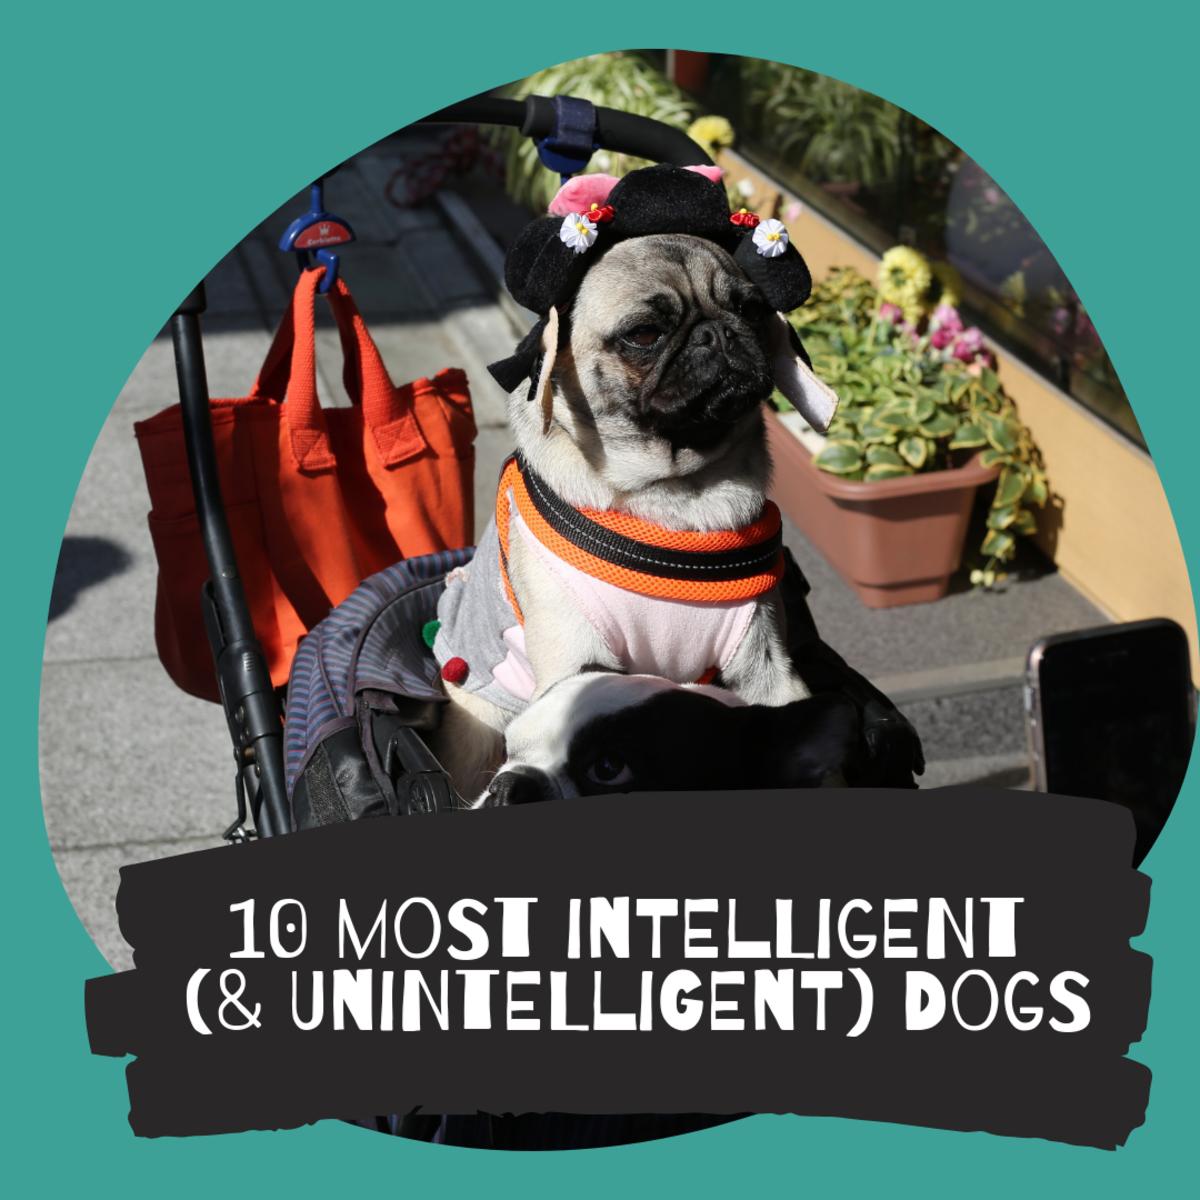 Dog Intelligence Rankings